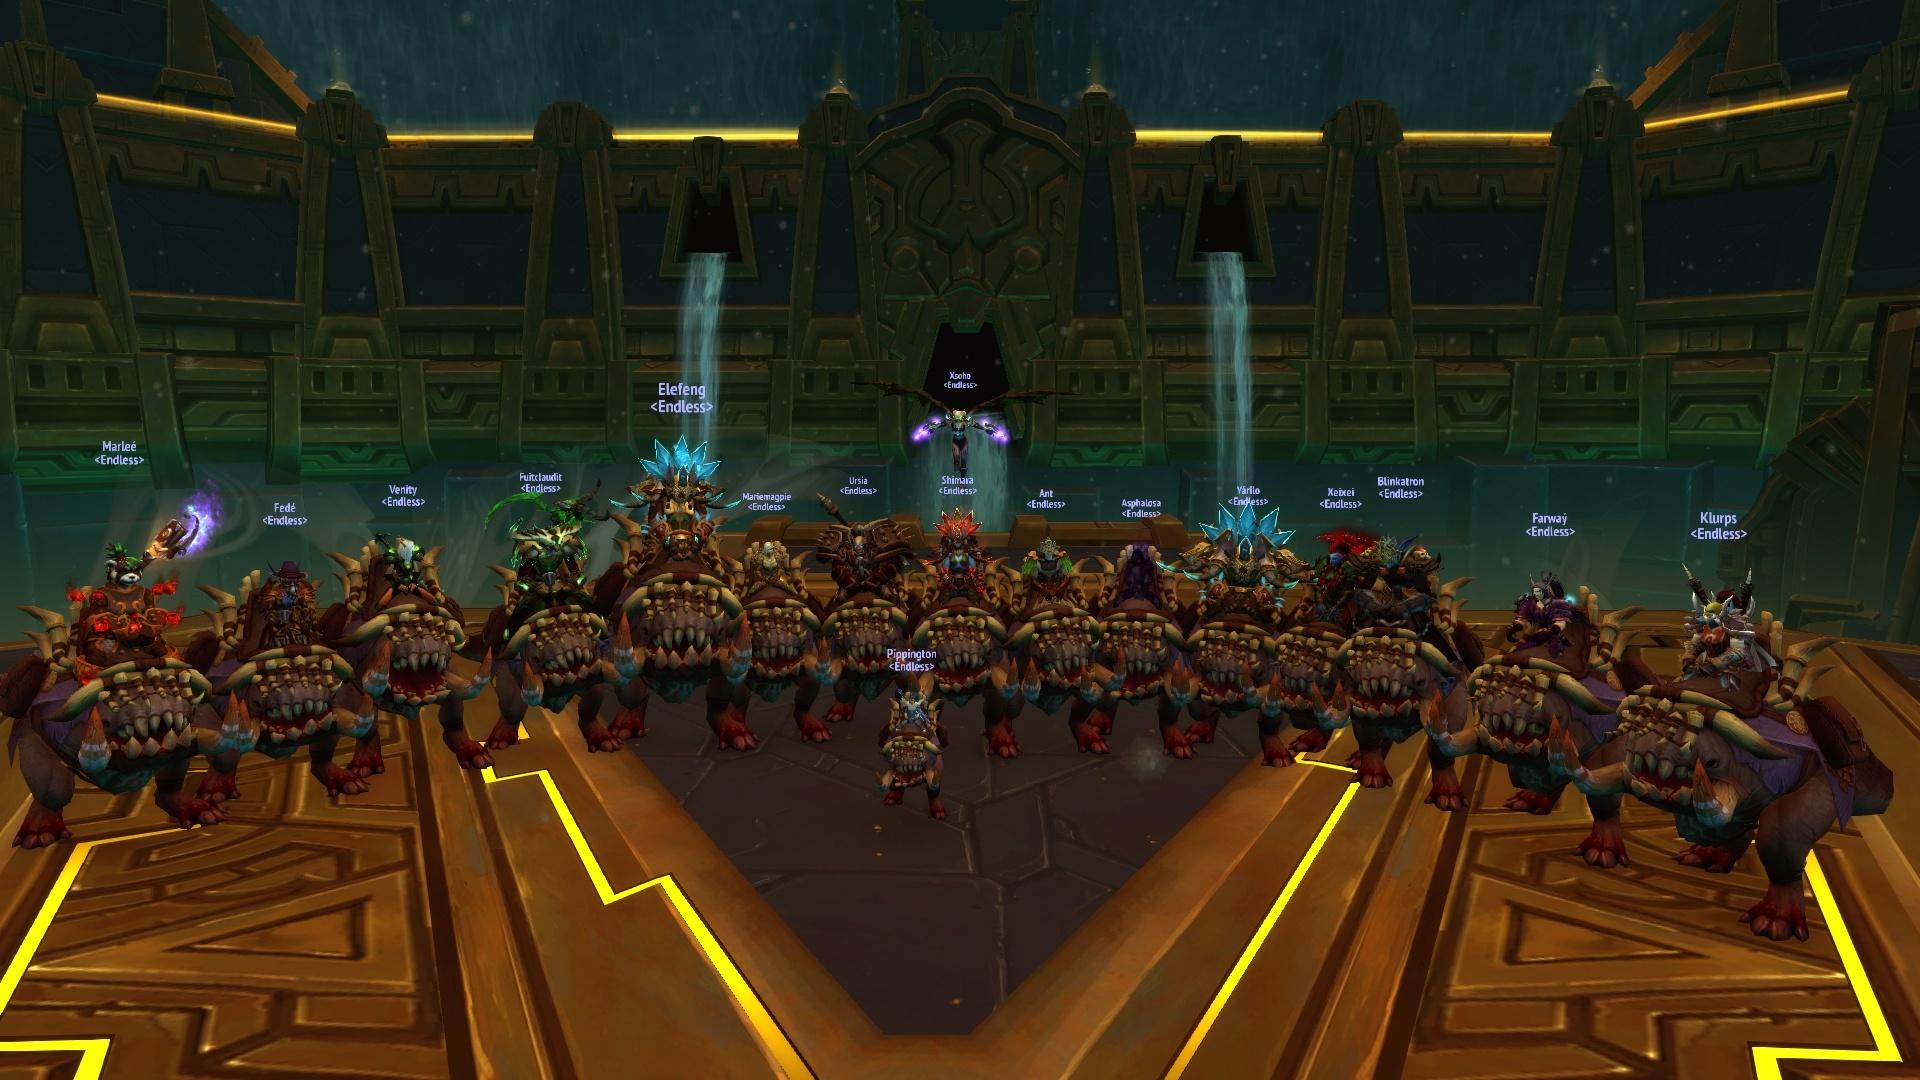 Endless est la première guilde EU à avoir terminé le haut-fait Gloire à l'écumeur de raid d'Uldir